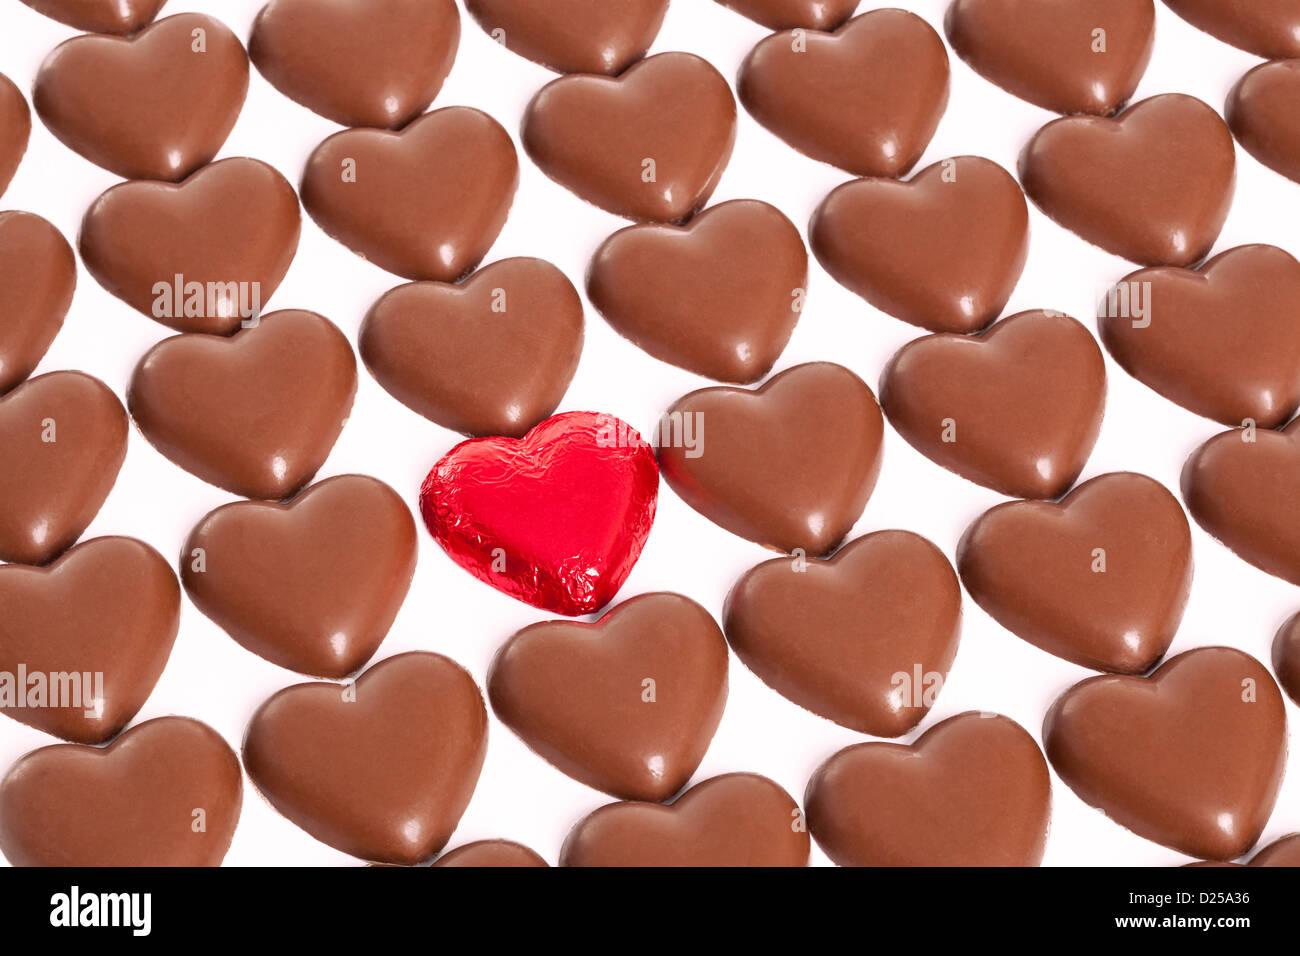 Filas de los corazones de chocolate con un extraño aún en su envoltura de papel aluminio rojo, fondo blanco. Imagen De Stock